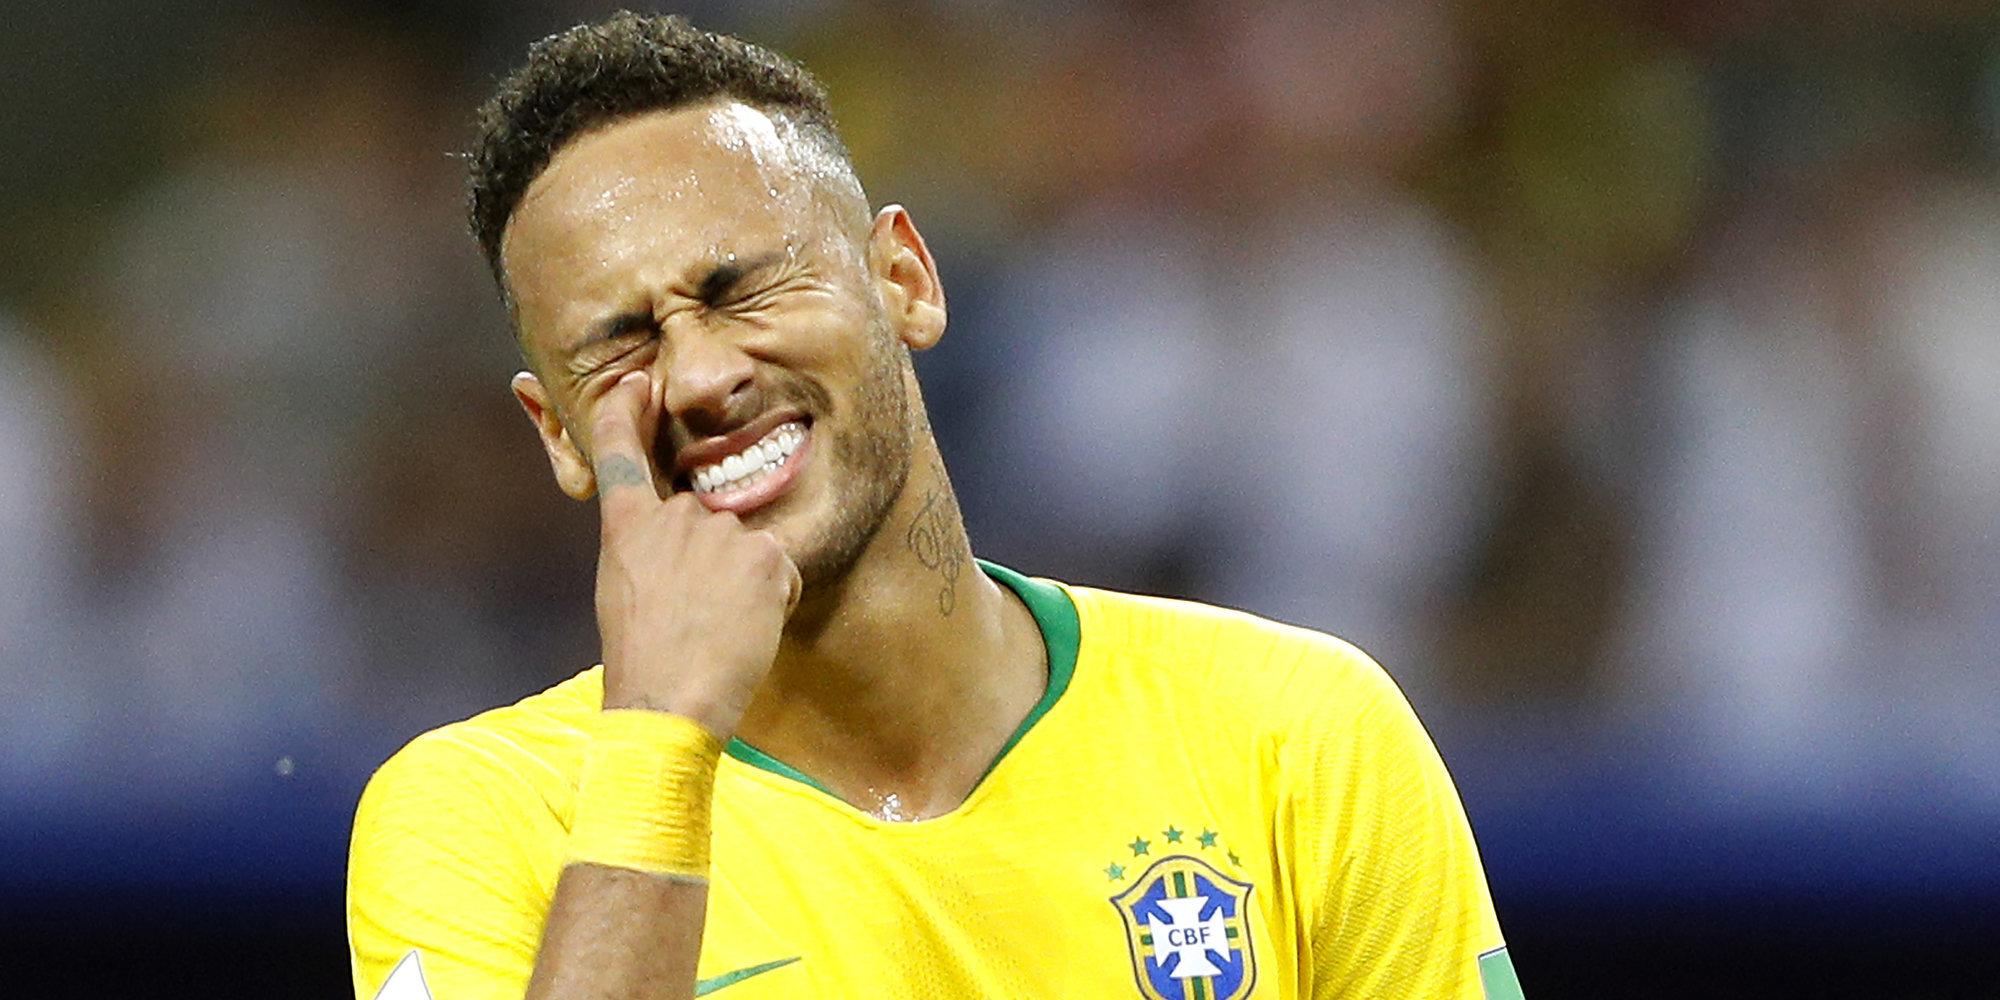 Неймар вышел на второе место в списке лучших бомбардиров сборной Бразилии и уступает только Пеле